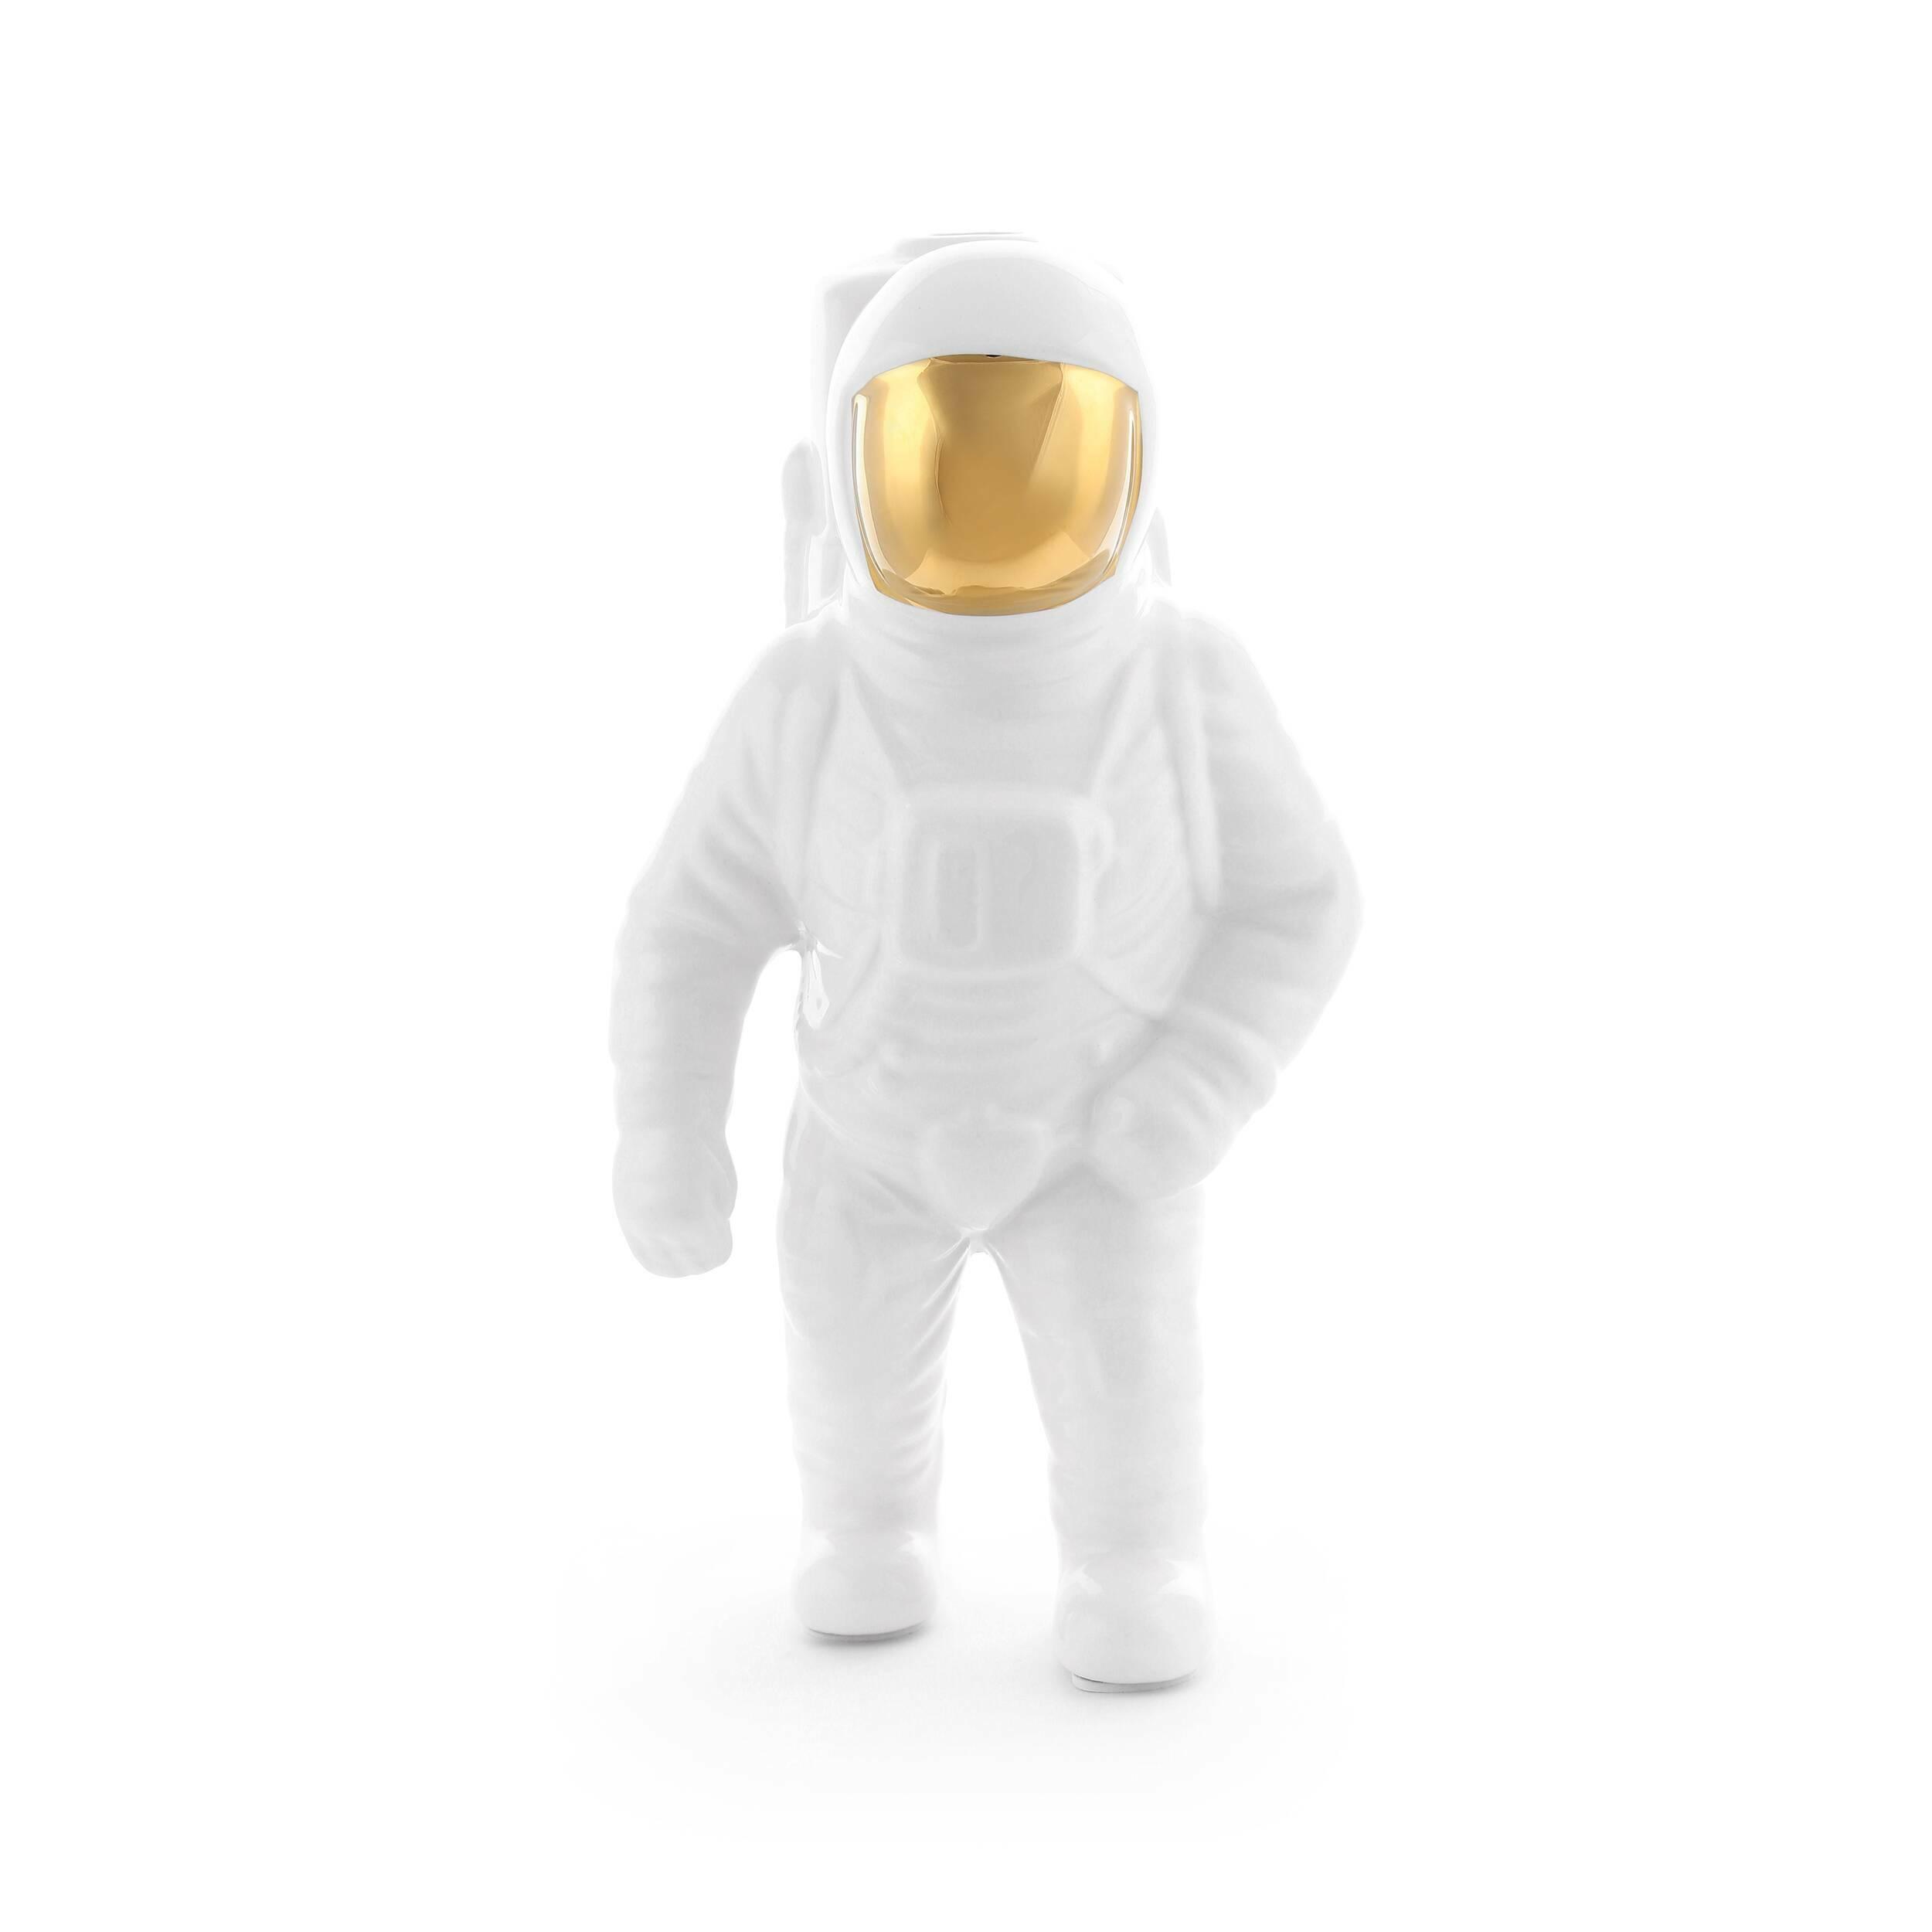 Настольная статуэтка Starman 2Настольные<br>Декоративные элементы в интерьере могут кардинально изменить его характер и стиль. Но некоторые вещи способны гармонично вписаться в окружающую обстановку и при этом не затронуть главные акценты дизайна комнаты. Настольная статуэтка Starman 2 от компании Seletti обладает как раз такими качествами – она не будет сильно выделяться в интерьере современного типа, но сделает его более интересным и живым.<br><br><br> Настольная статуэтка Starman 2 изготавливается из белоснежного фарфора. Этот материа...<br><br>stock: 16<br>Высота: 28<br>Материал: Фарфор<br>Цвет: Белый